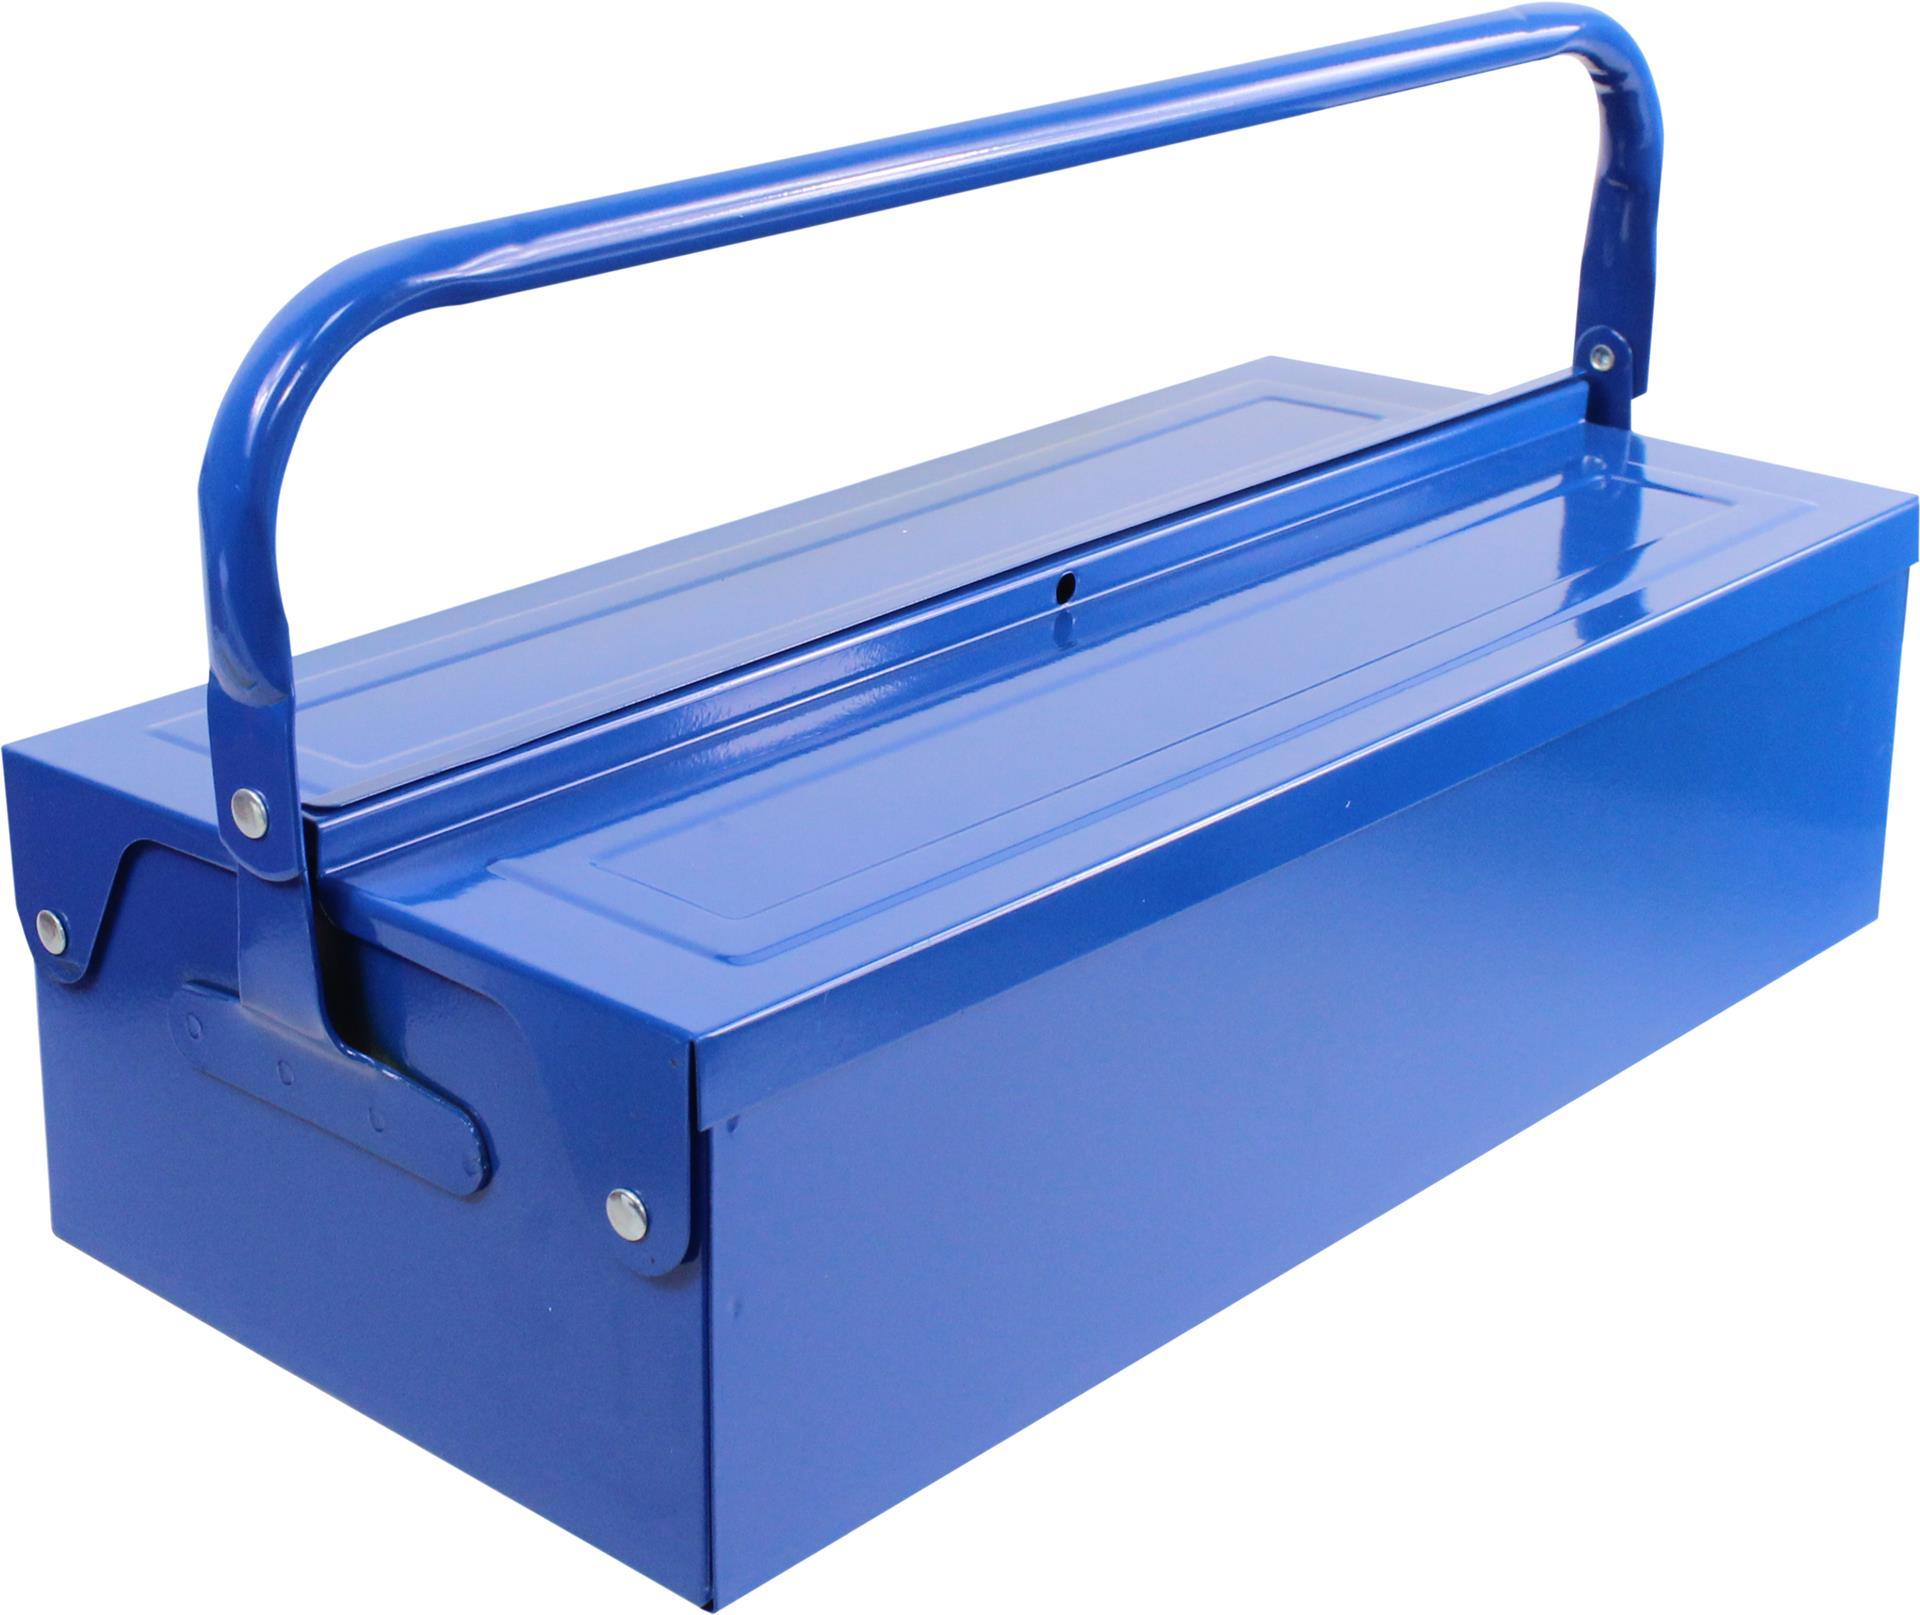 MADEIRA - Caixa de ferramentas MADER METÁLICA 420X200X110